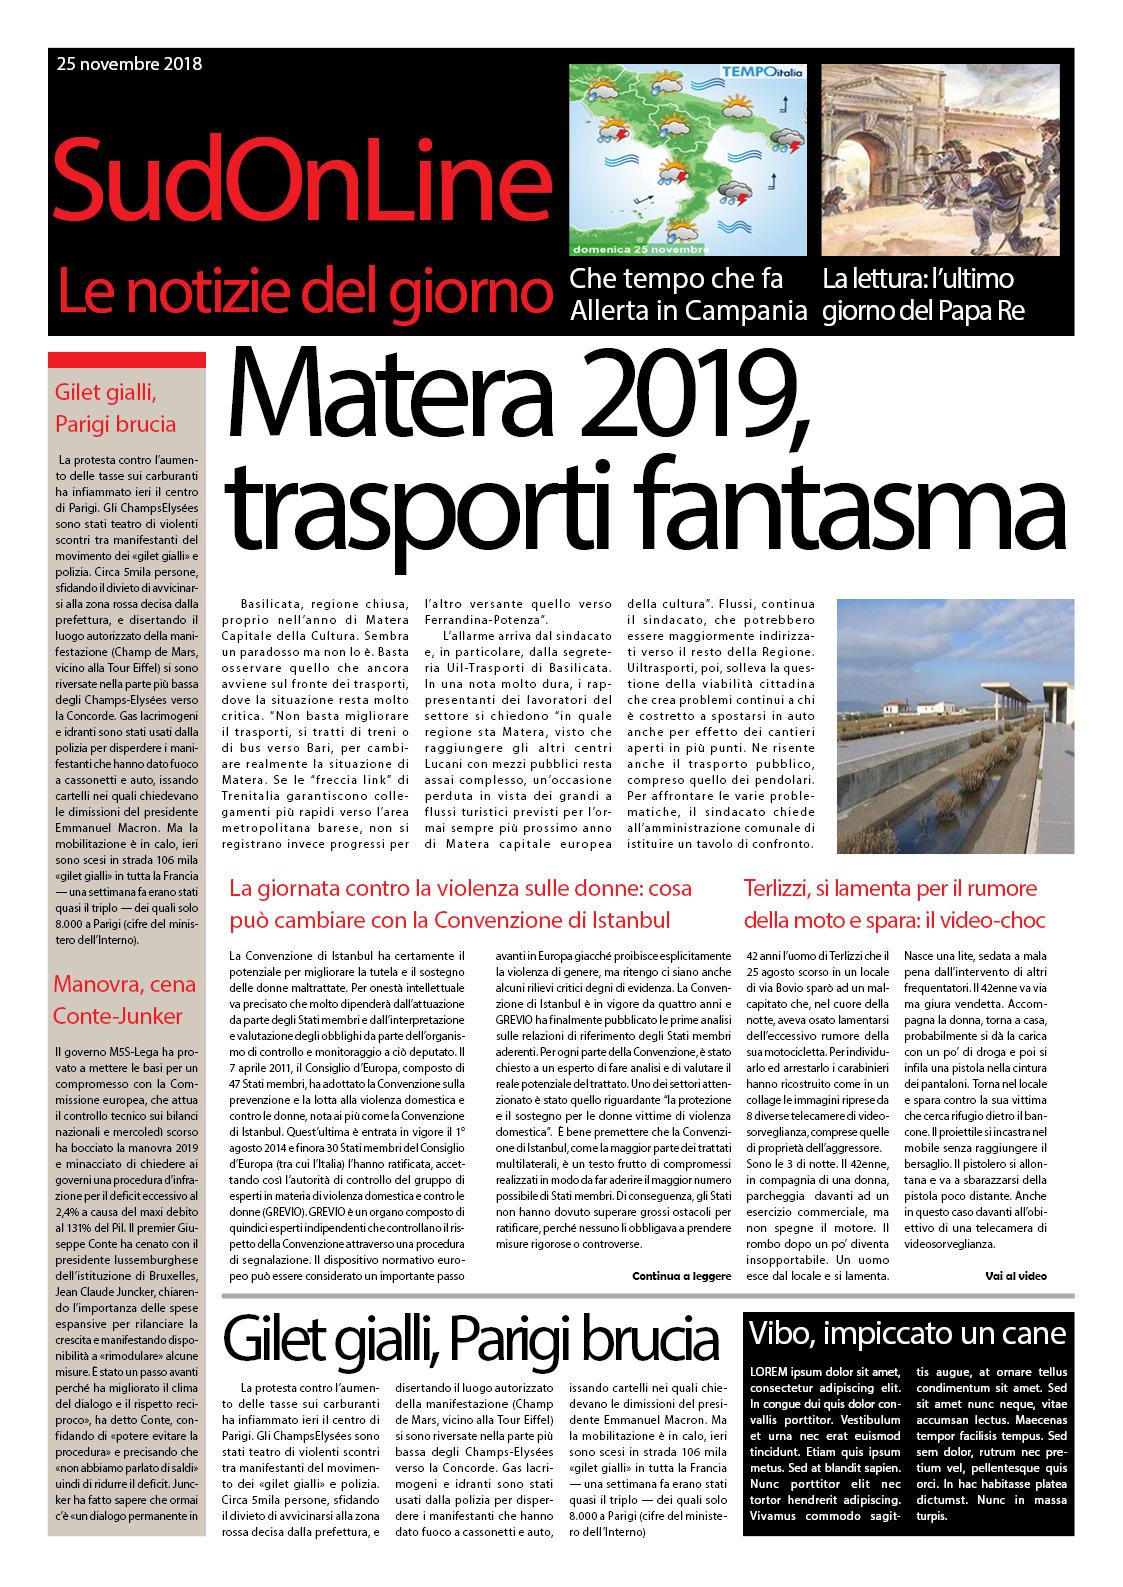 Il SudOnLine Quotidiano: Basilicata, Regione chiusa – Spara per il rumore della moto – Macabra intimidazione, cane impiccato